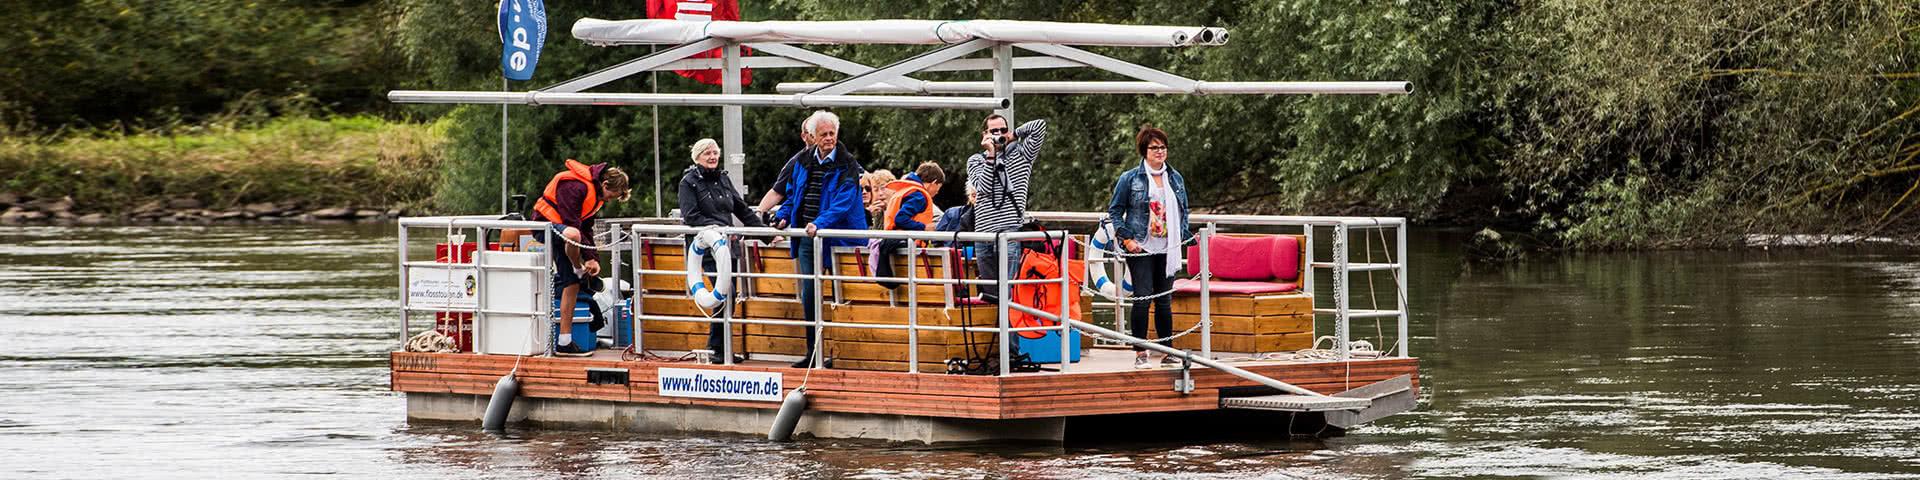 Gruppe macht Flossfahrt im Weserbergland